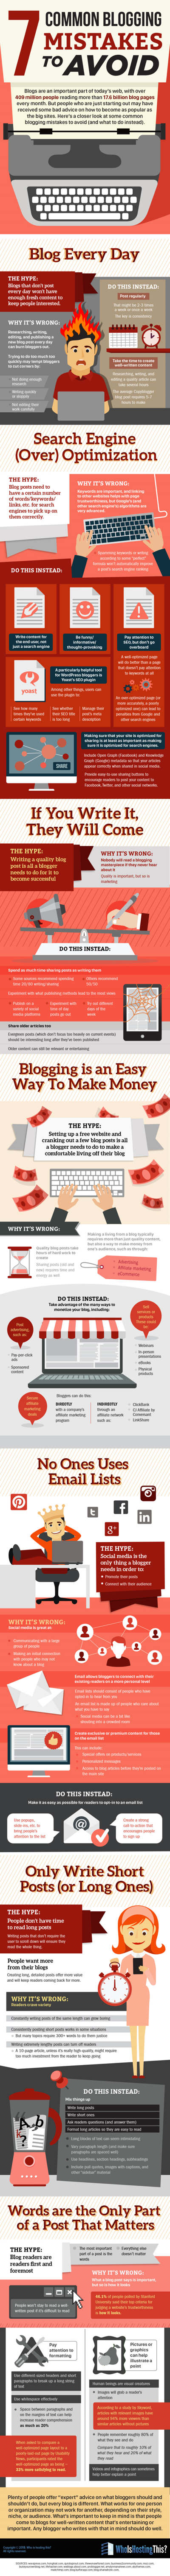 7 errores que cometes en tu blog y cómo evitarlos #infografía